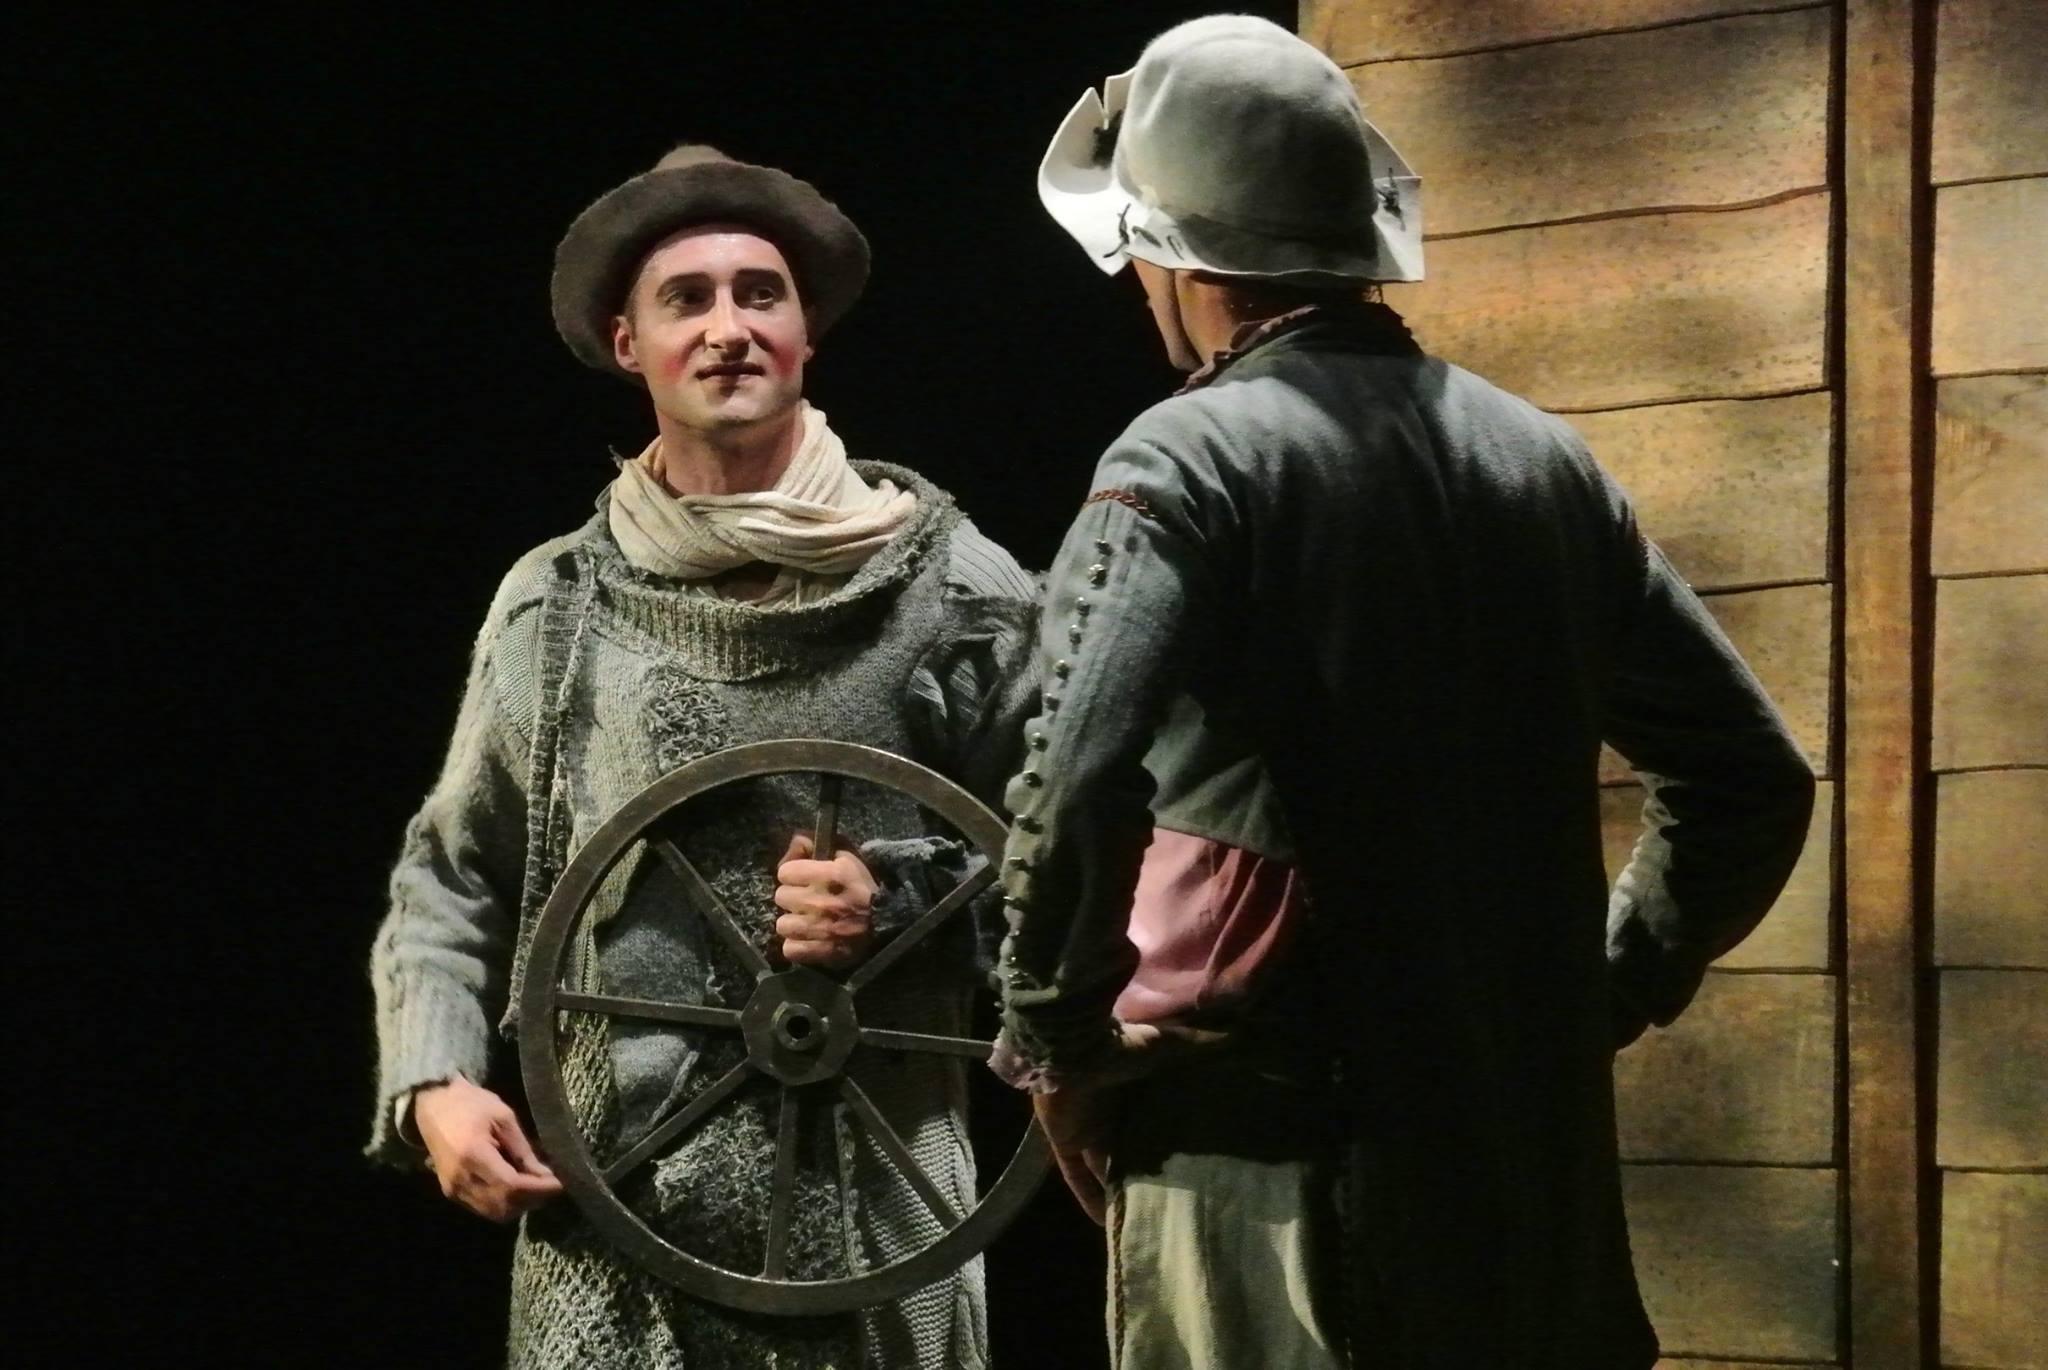 Virginie-Stucki-Recup-and-cut-Grigny-Teatro-Picaro-Pret-a-Partir-Paulo-Crocco